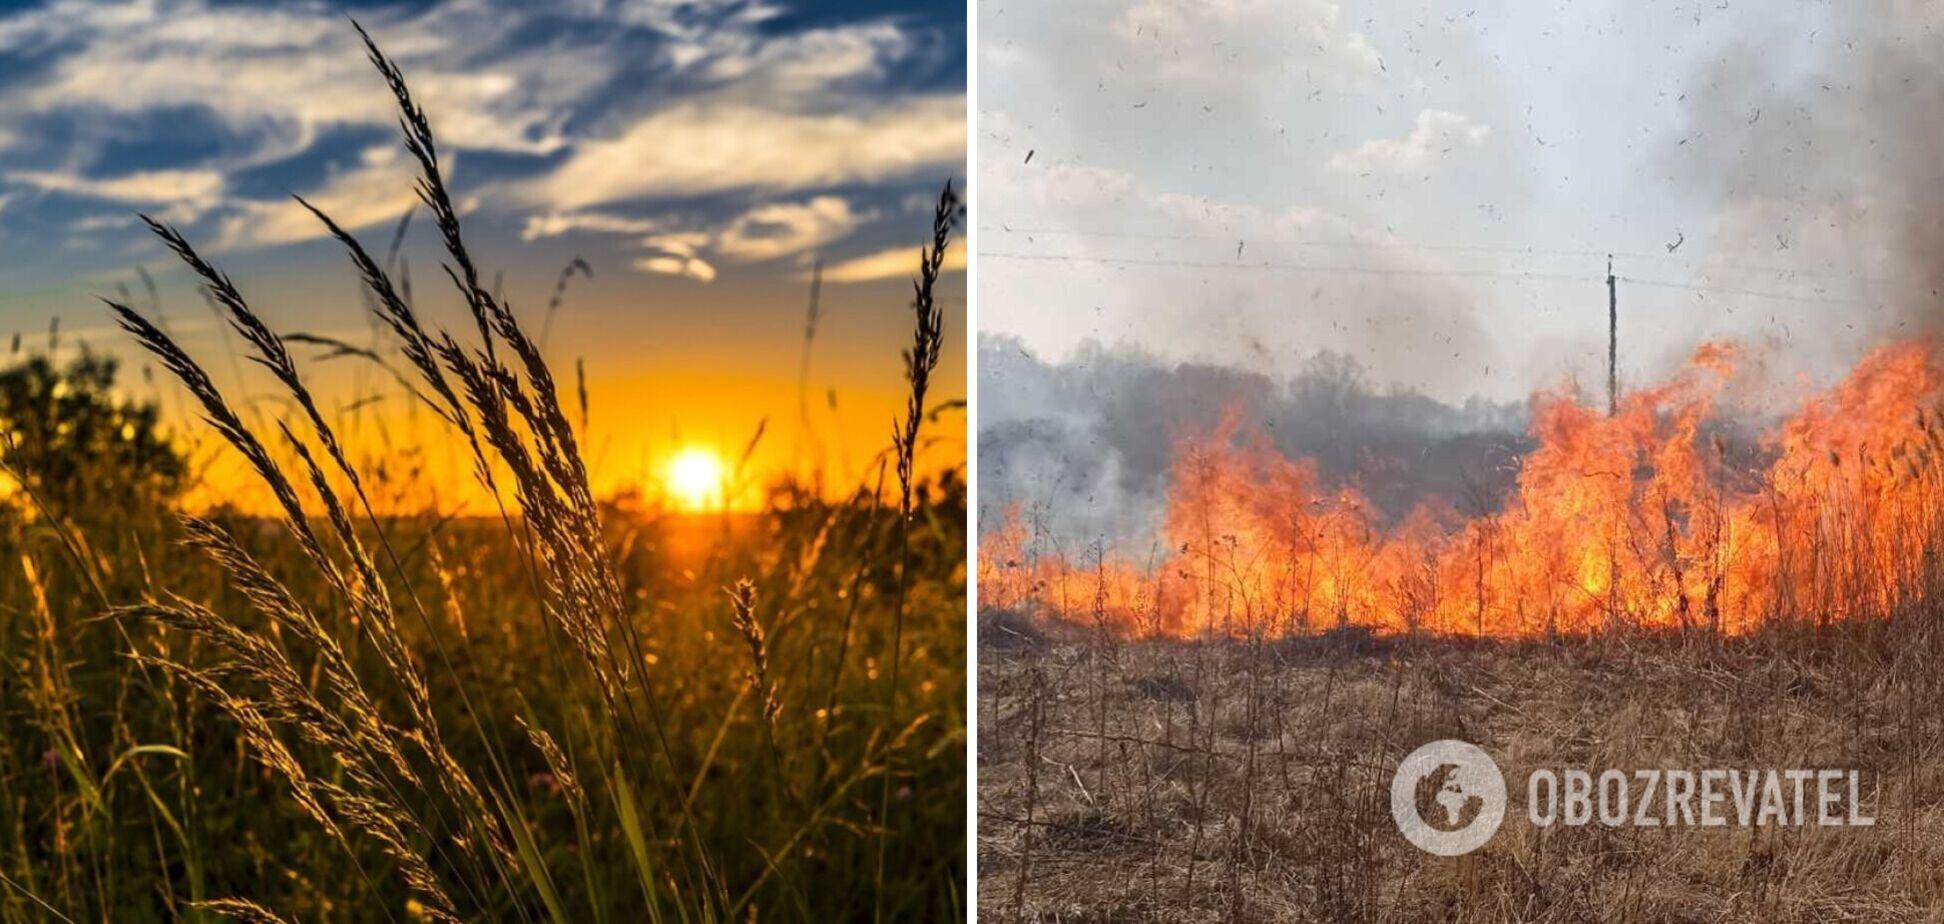 У середу на українців чекає спекотна погода, але є небезпека: синоптики уточнили, де і яка саме. Карта